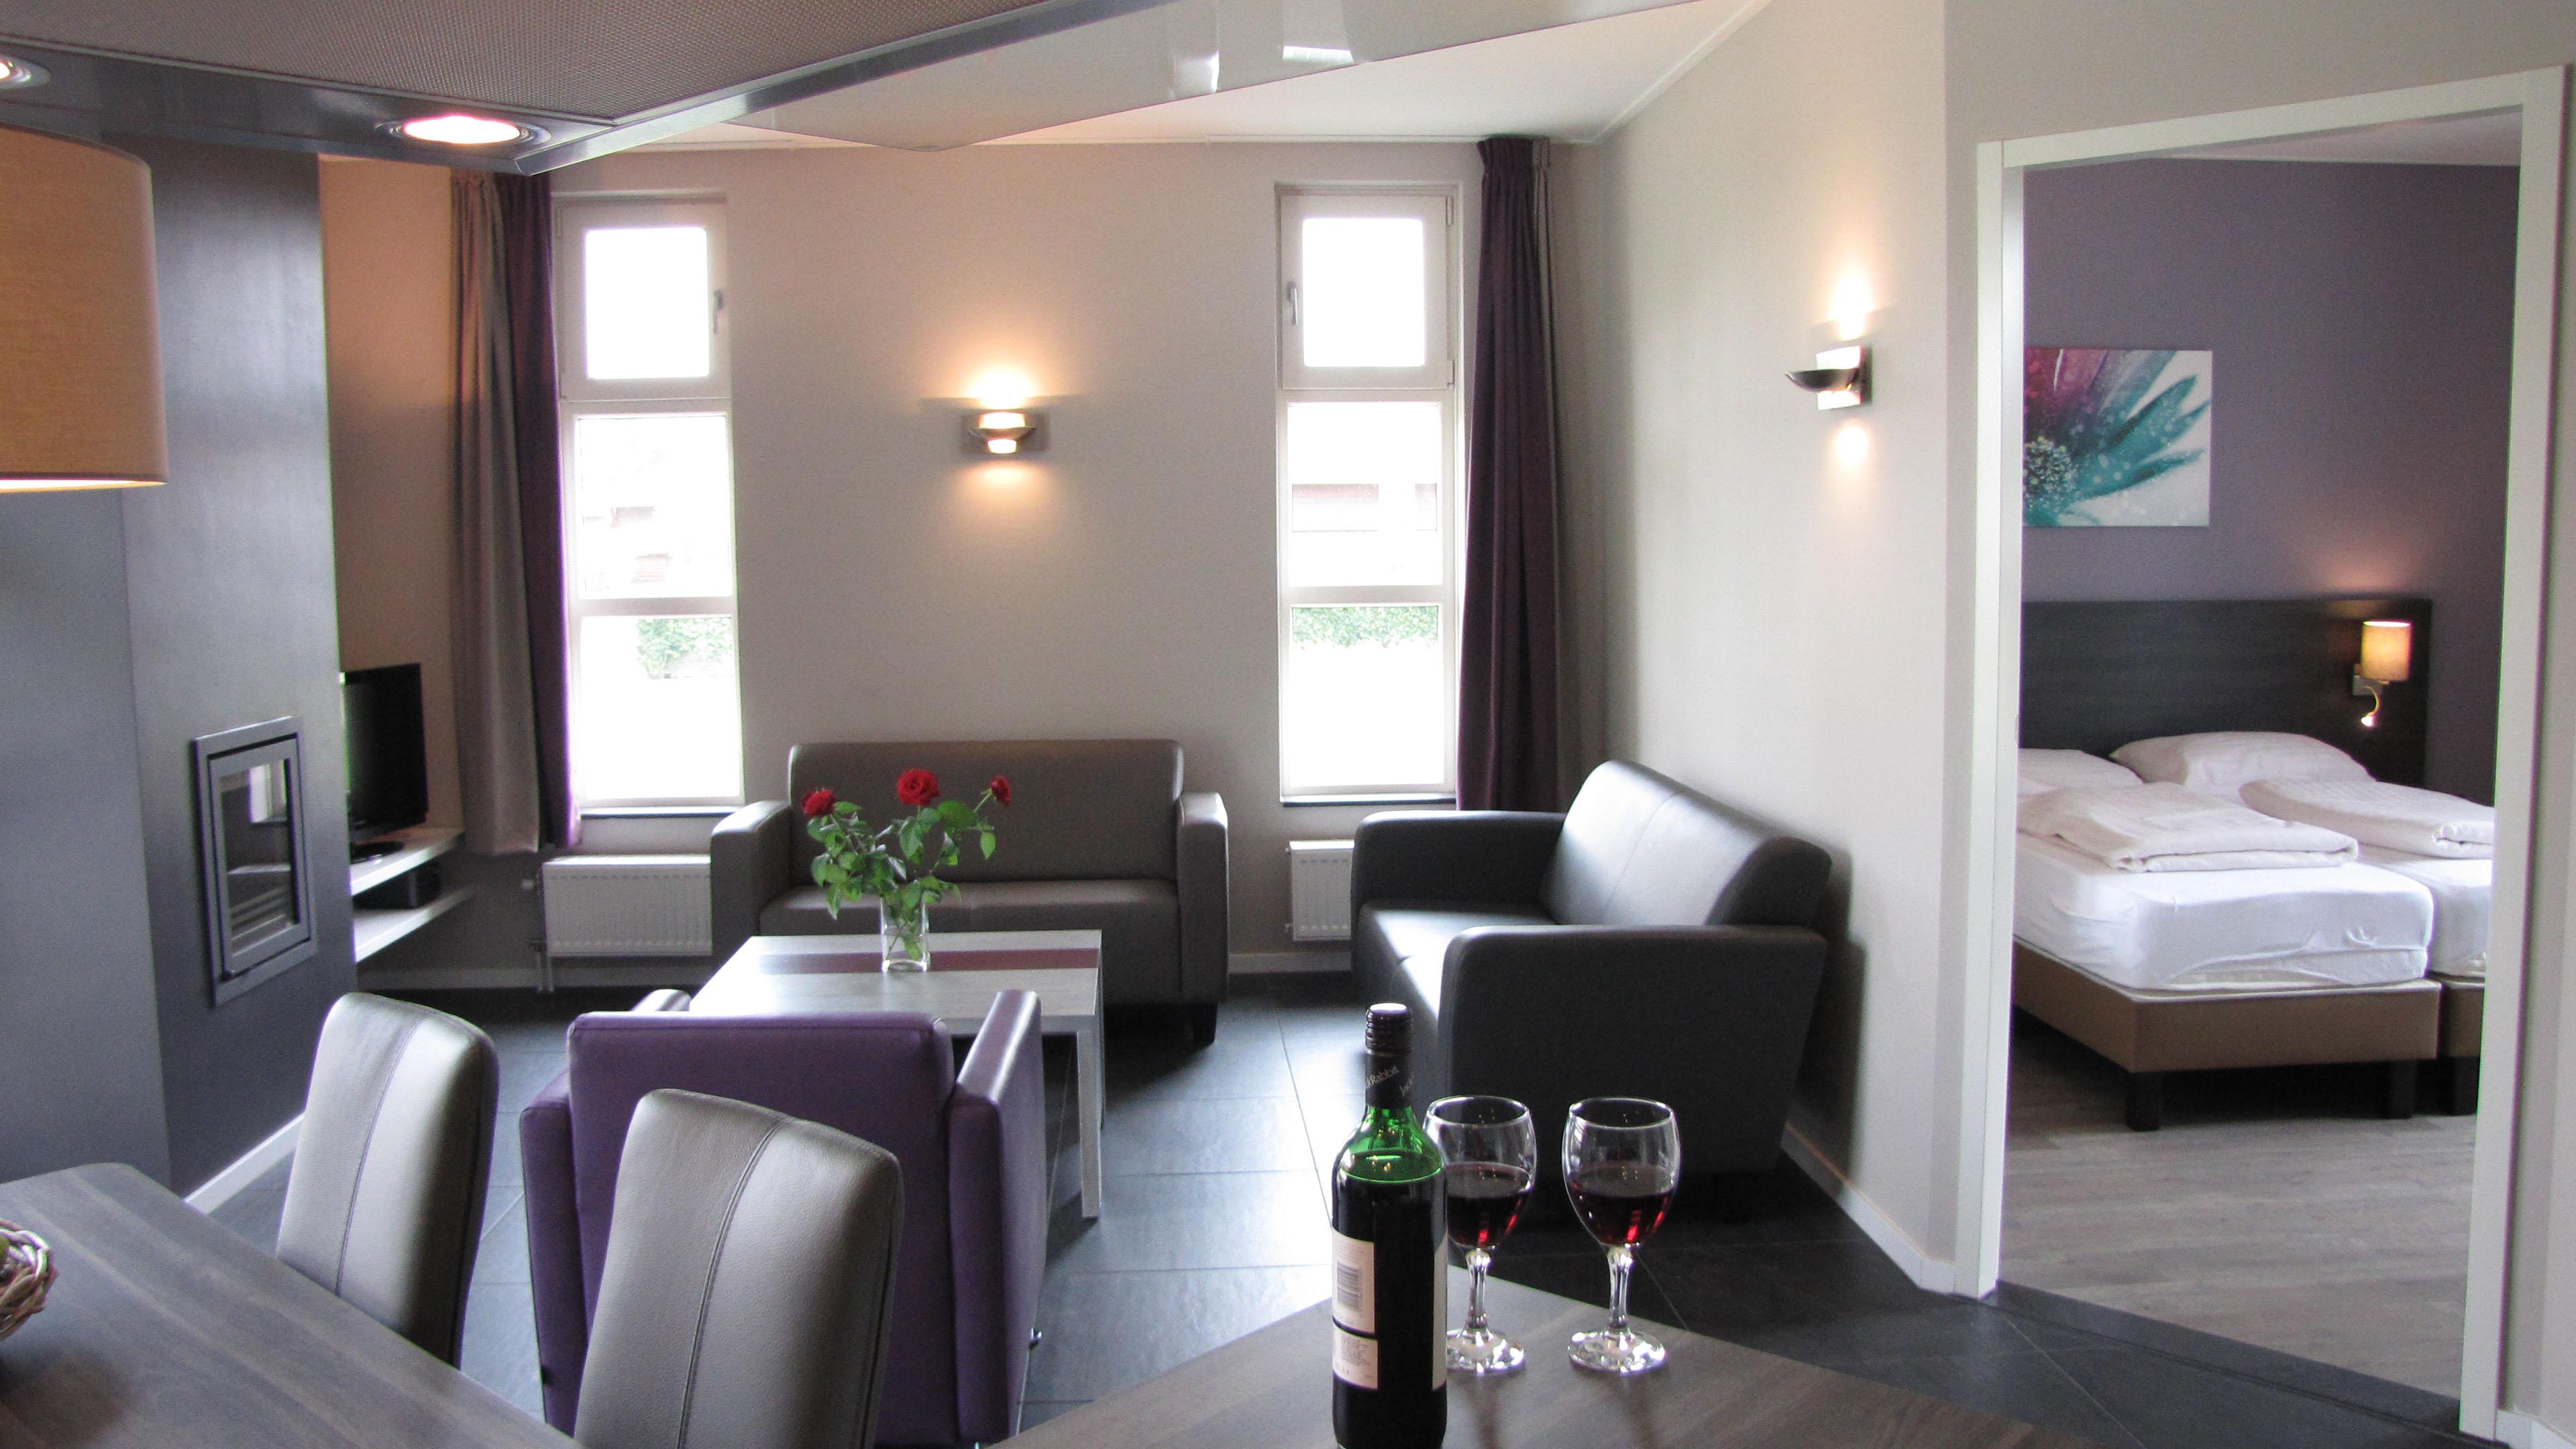 home tijdelijke woonruimte vakantiepark limburg woonkamer slaapkamer groot